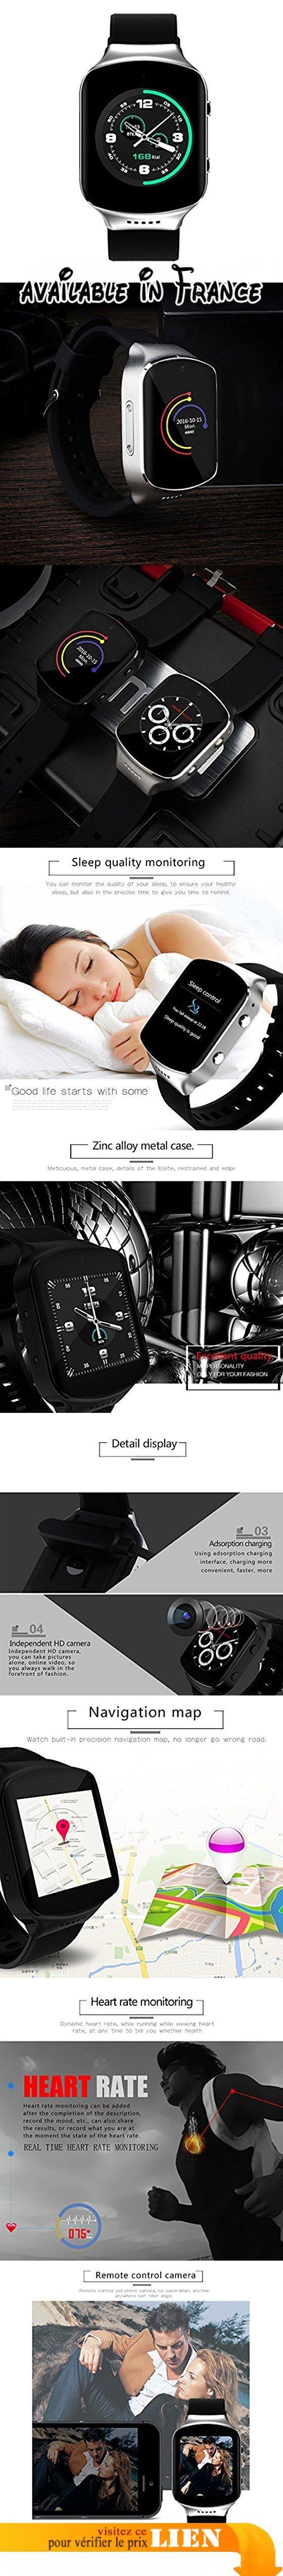 """Docooler Z80S Smartwatch Bluetooth Sportif 3G/2G Montre Téléphone GSM WCDMA MTK6580 1,3 GHz 1,54"""" 2,5 D 320 * 320P Touch Screen 512MB + 4GB Android 5.1 Fréquence Cardiaque SOS GPS Appeler Notification. Ossature métallique / MTK6580 3G WCDMA / Android 5.1 / carte SIM Nano / Bluetooth 4.0 / MP3 / MP4 / Phone Book / cadran / SMS. Appel d'urgence SOS / Position GPS / WiFi / fréquence cardiaque / podomètre / Smart Notification / 200W Pixels appareil photo. CONCEPTION générale"""